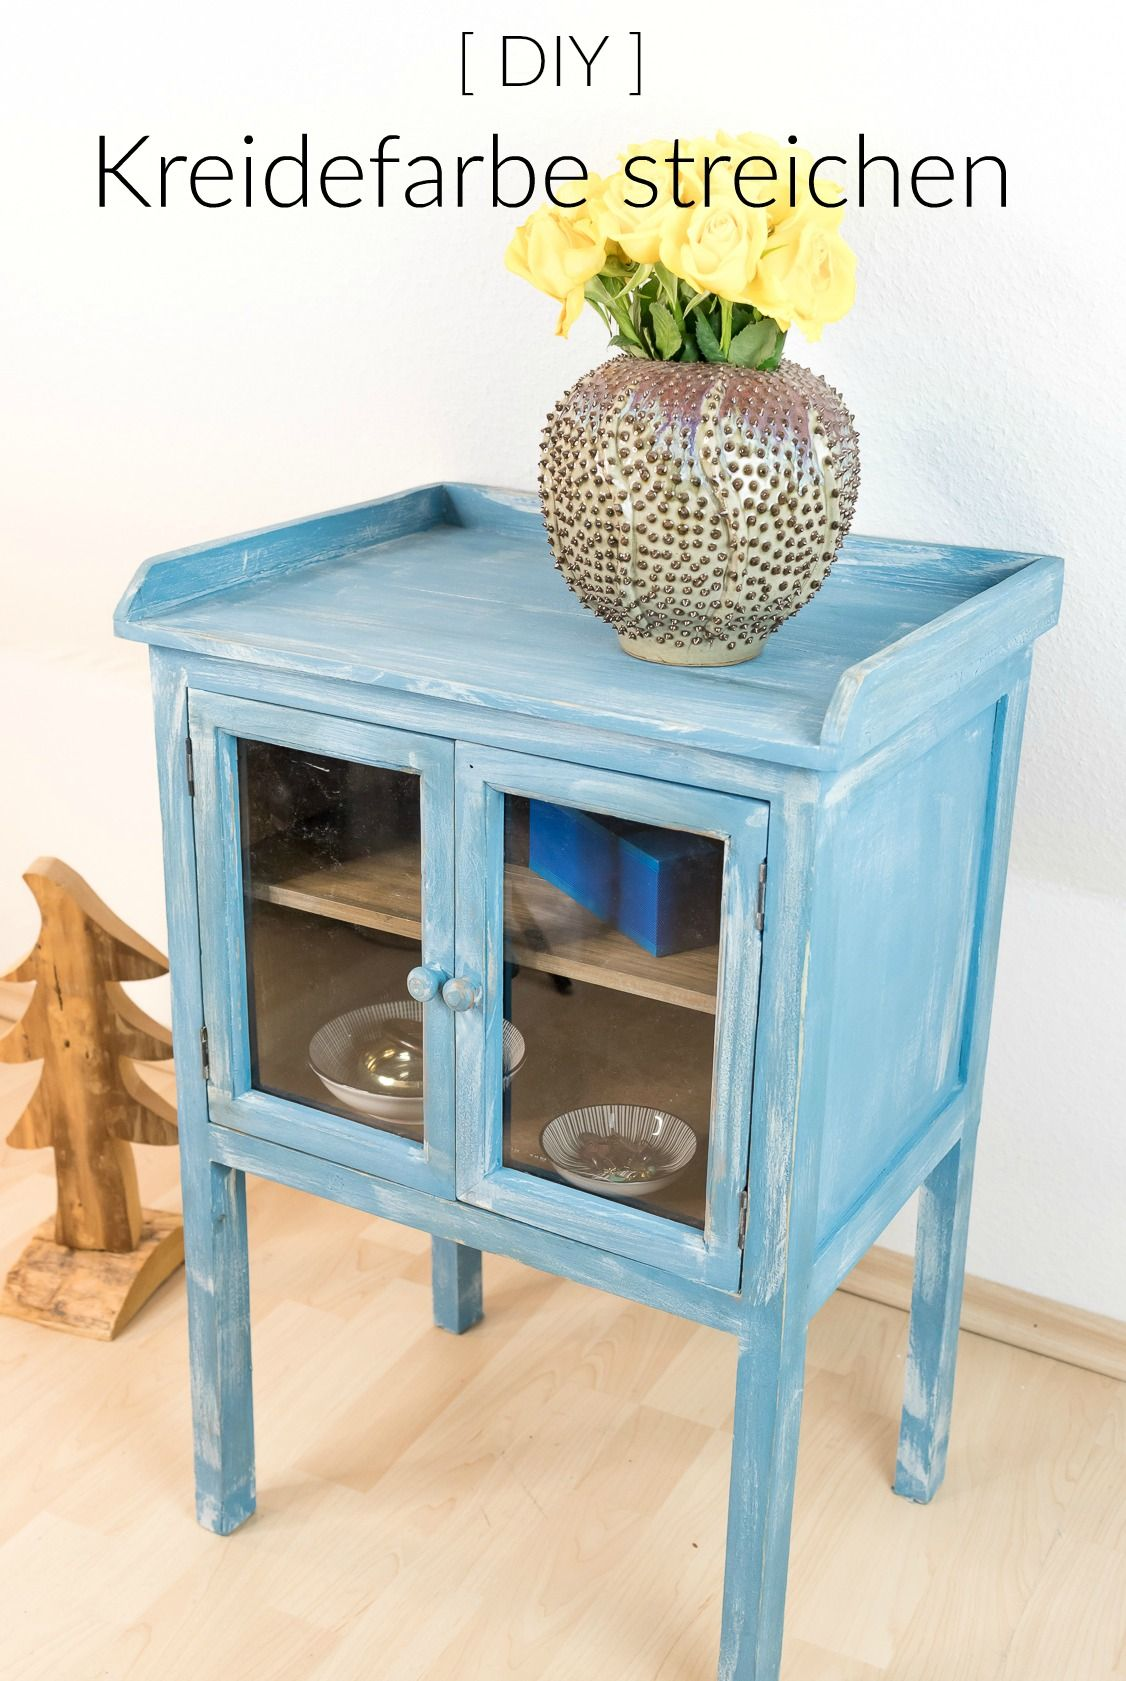 m bel mit kreidefarbe streichen so geht das anleitung kreidefarbe. Black Bedroom Furniture Sets. Home Design Ideas